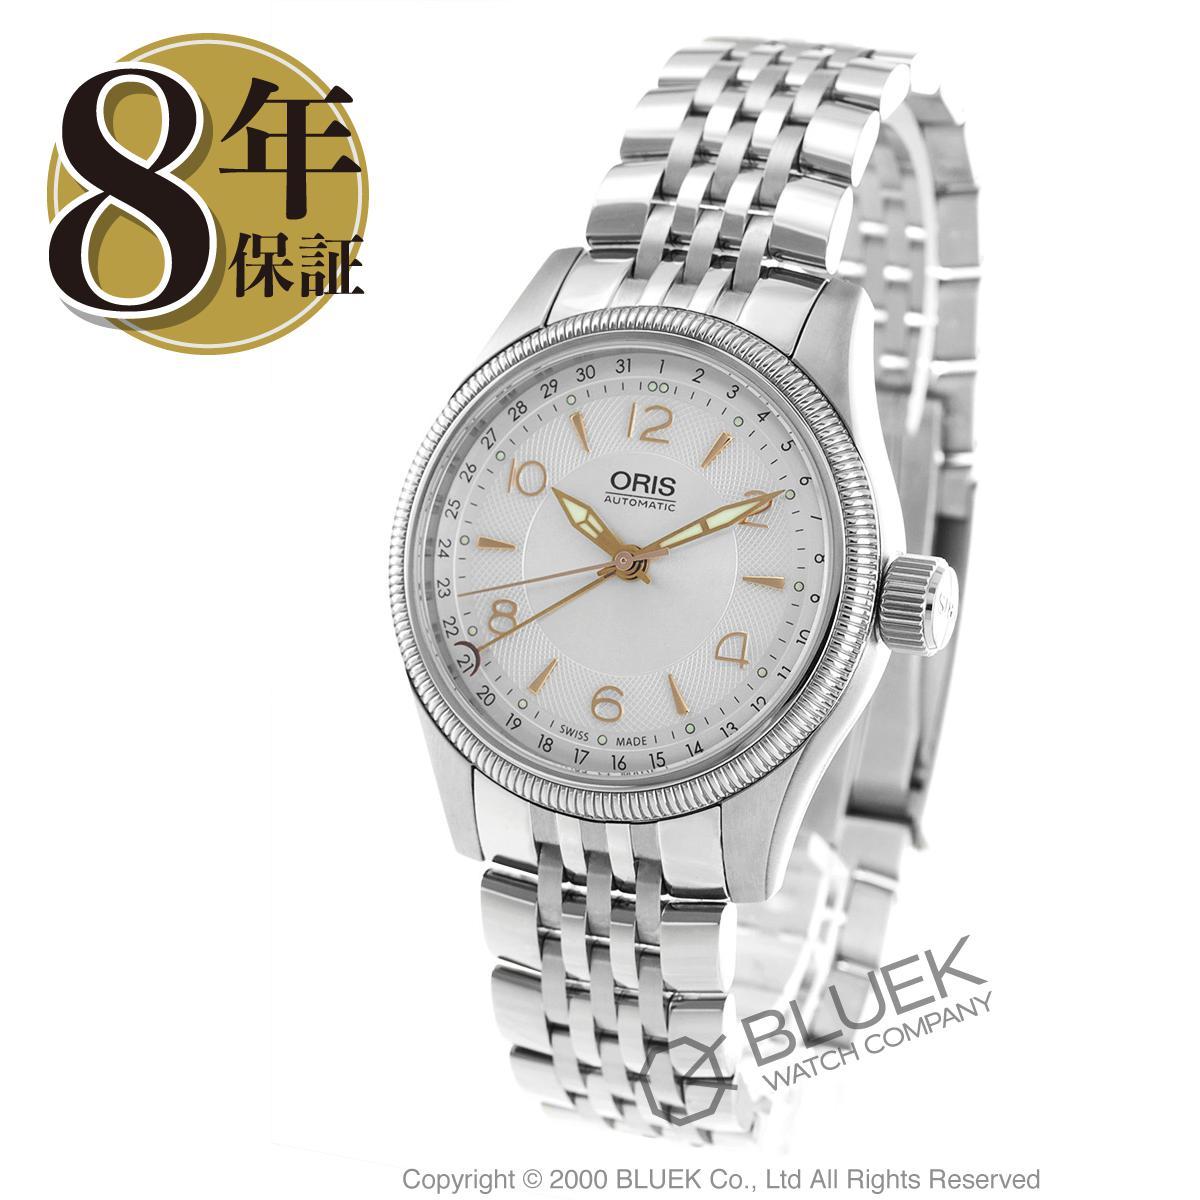 【最大3万円割引クーポン 11/01~】オリス ビッグクラウン 腕時計 メンズ ORIS 754 7679 4031M_8